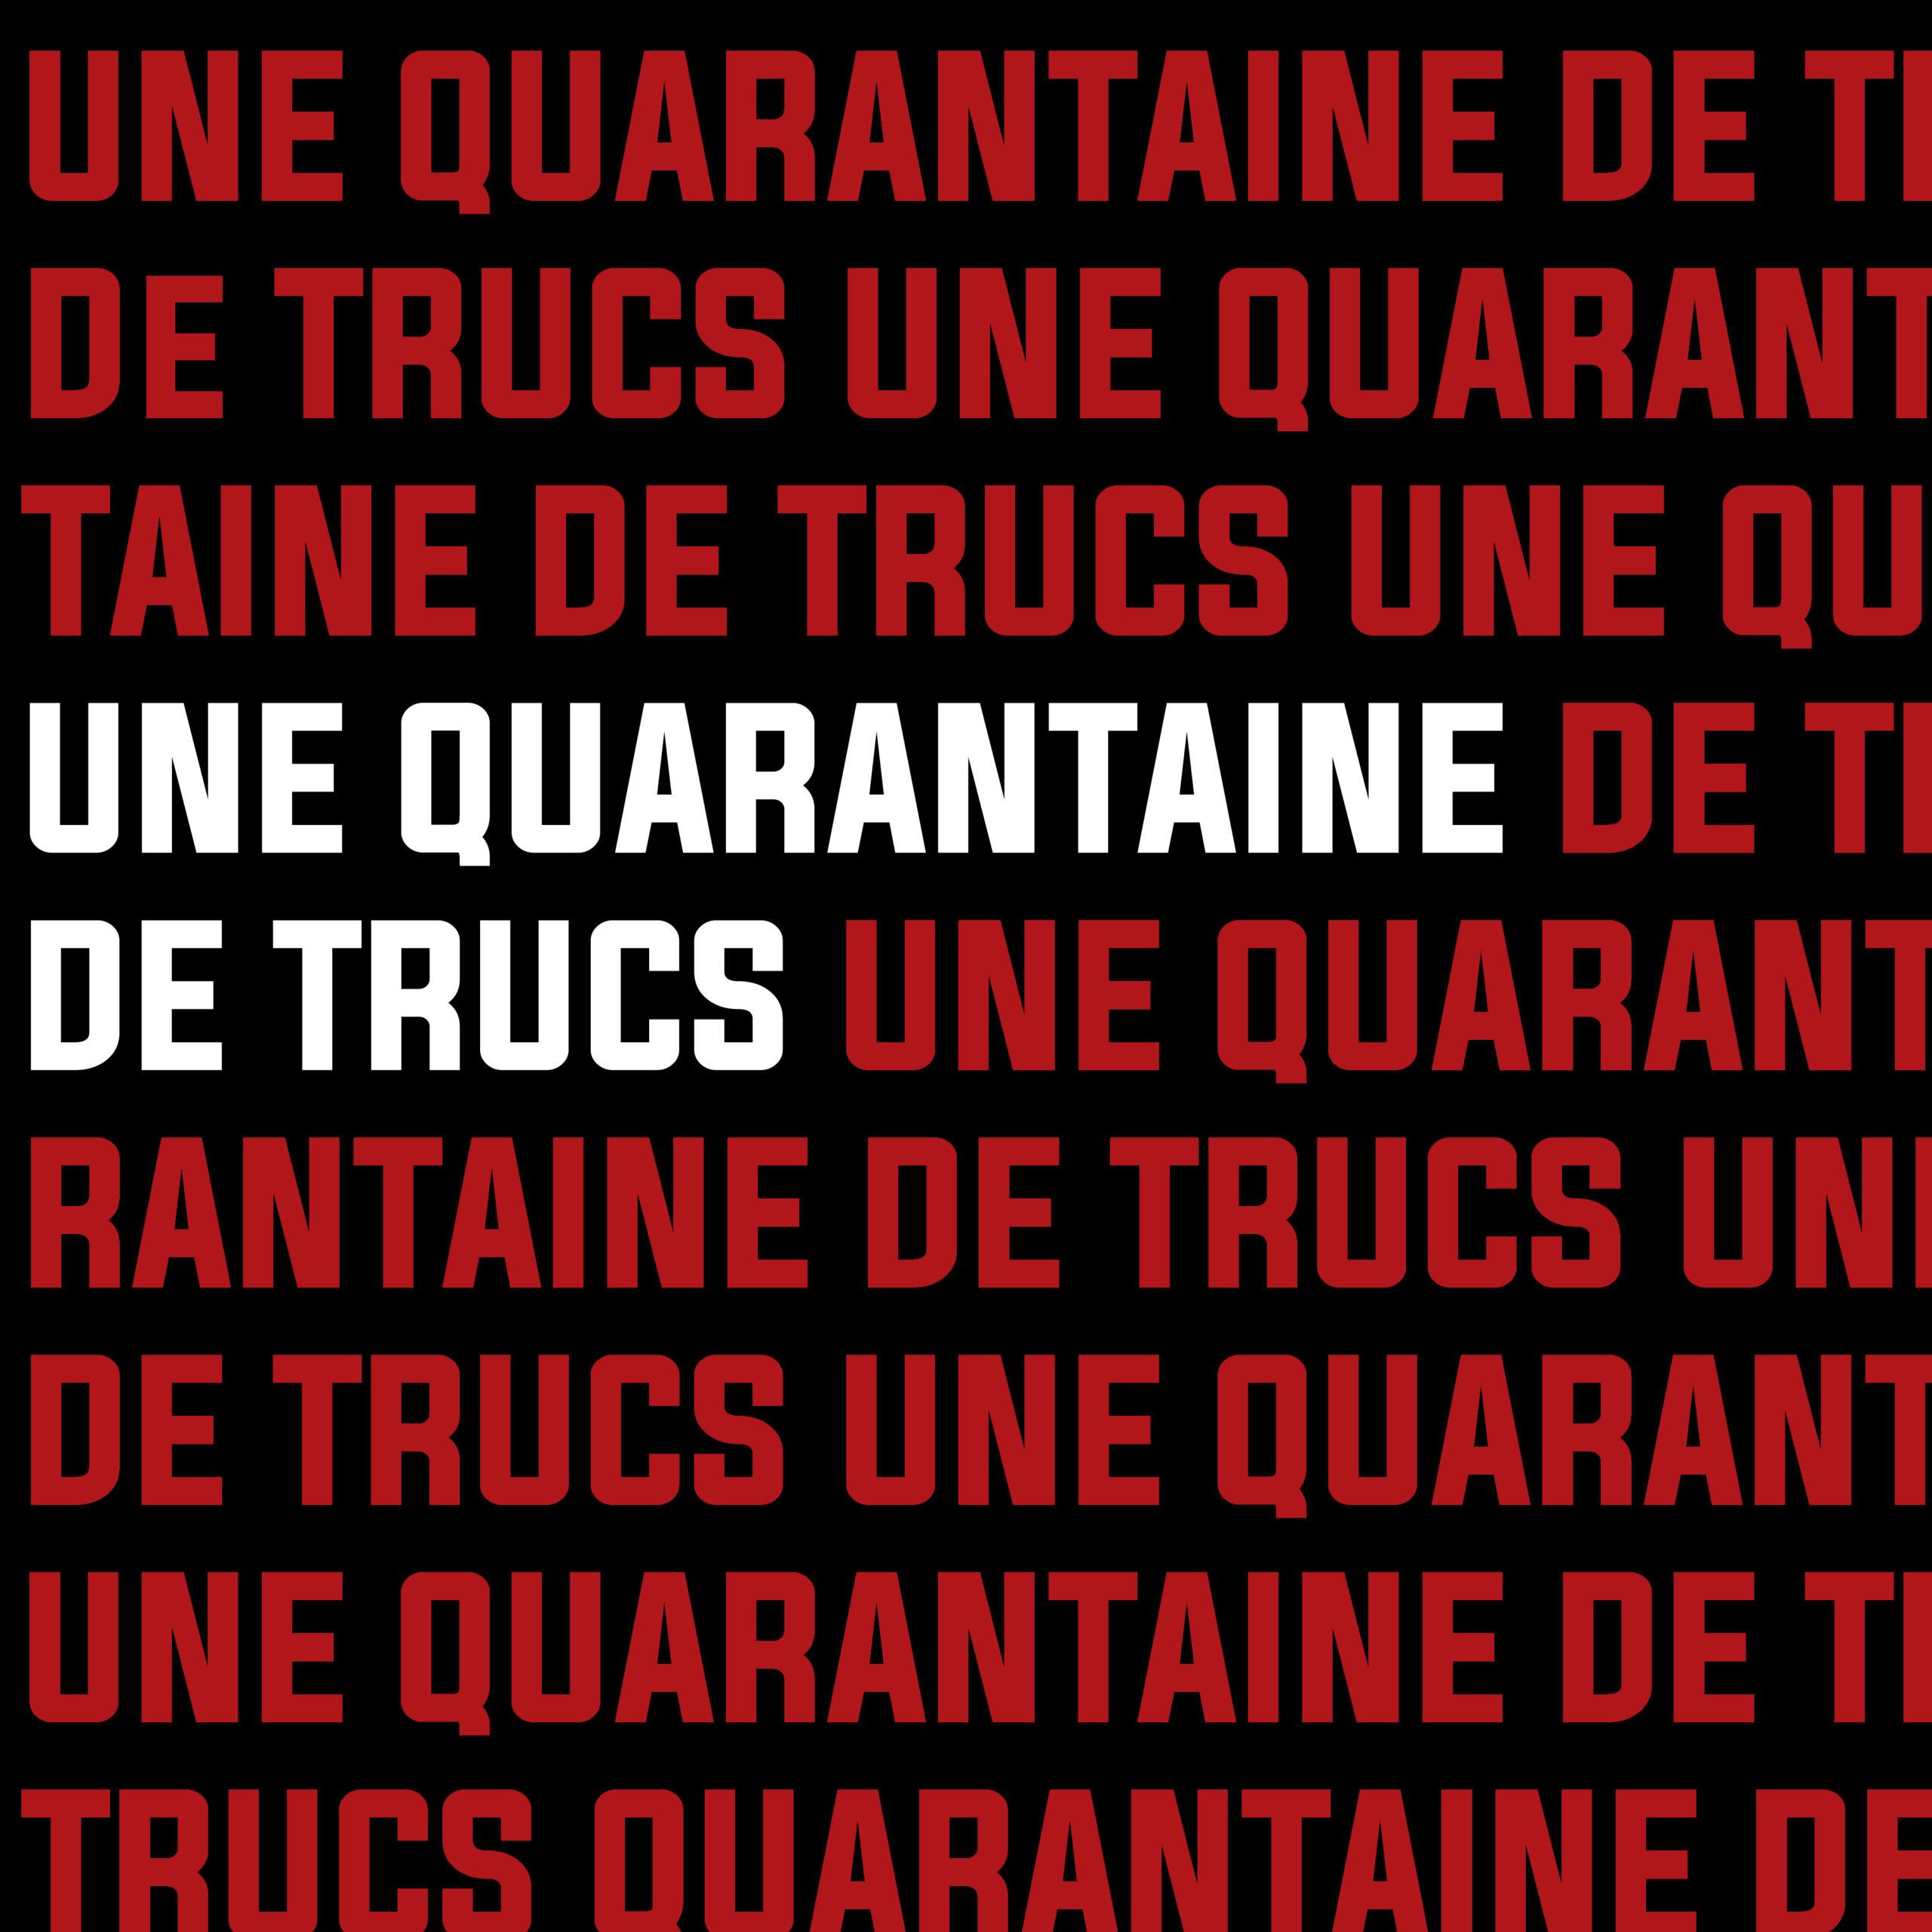 Une Quarantaine de Trucs